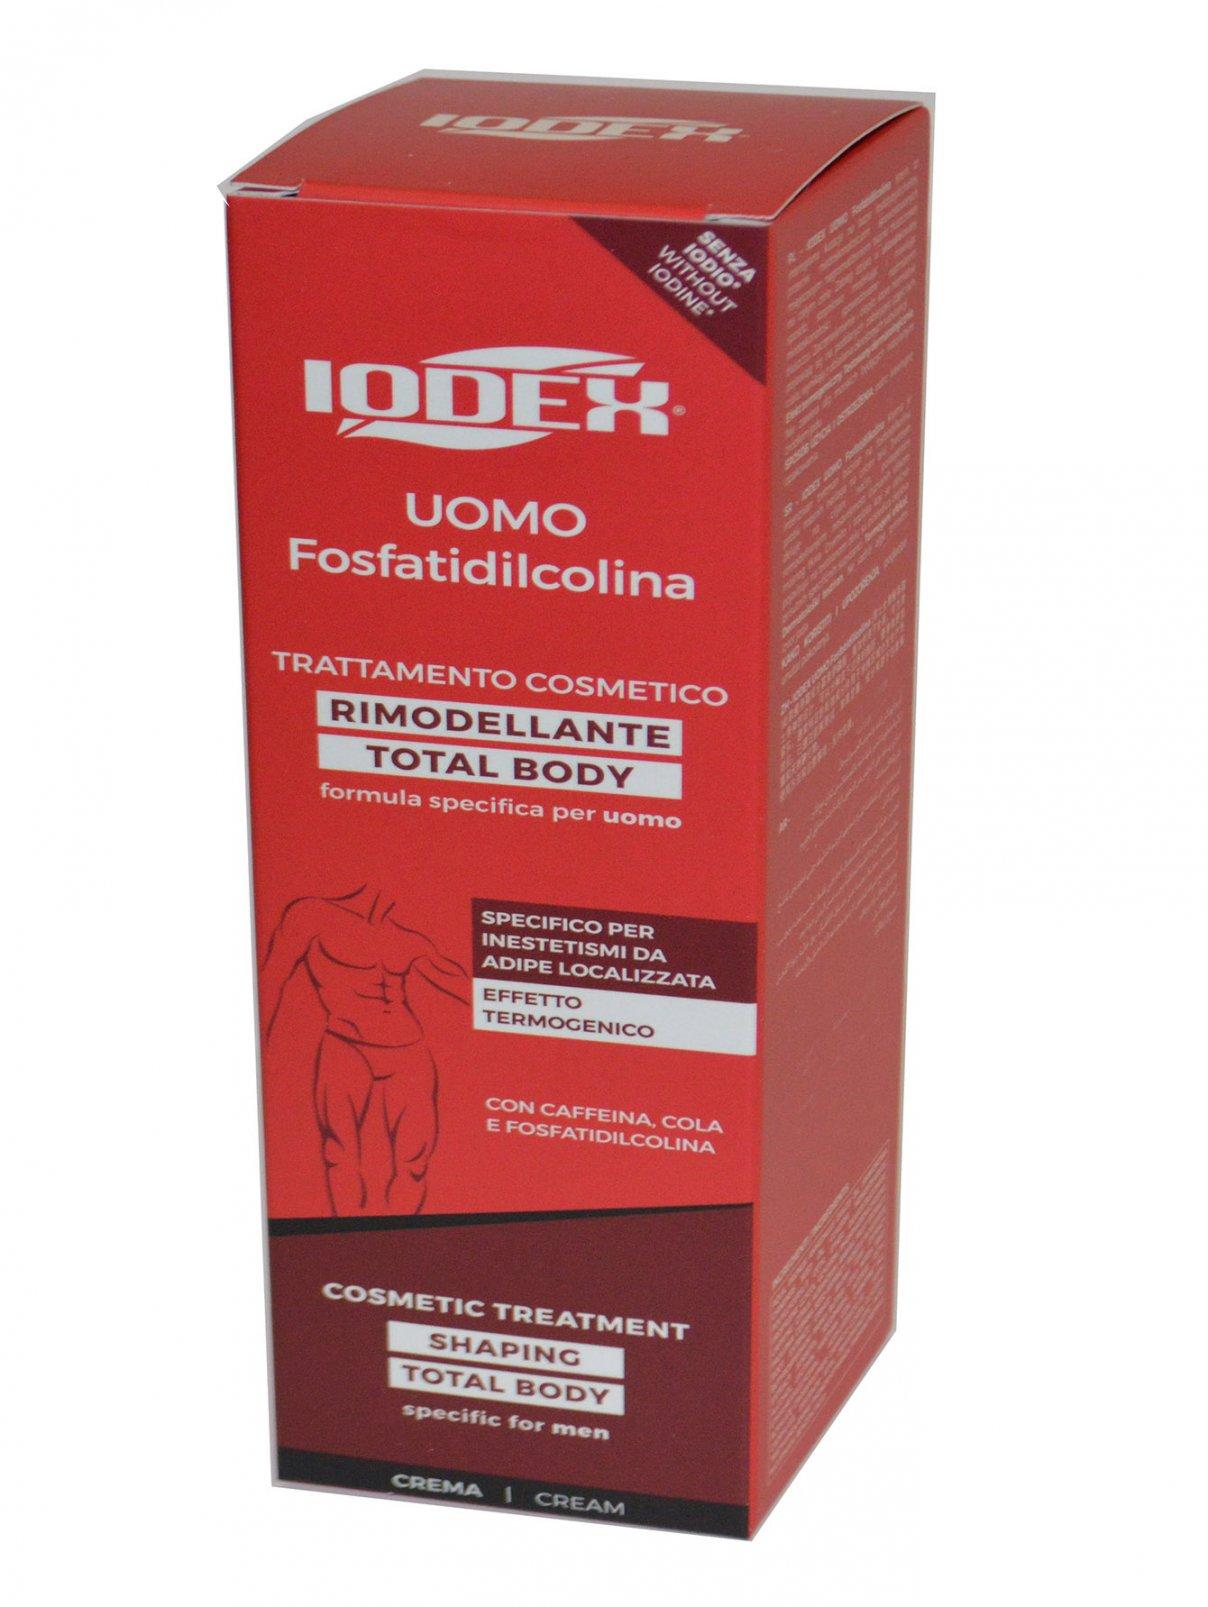 Крем для тела Iodex Uomo F -Fosfatidicolina 200 мл Natural Project  –  Общий вид